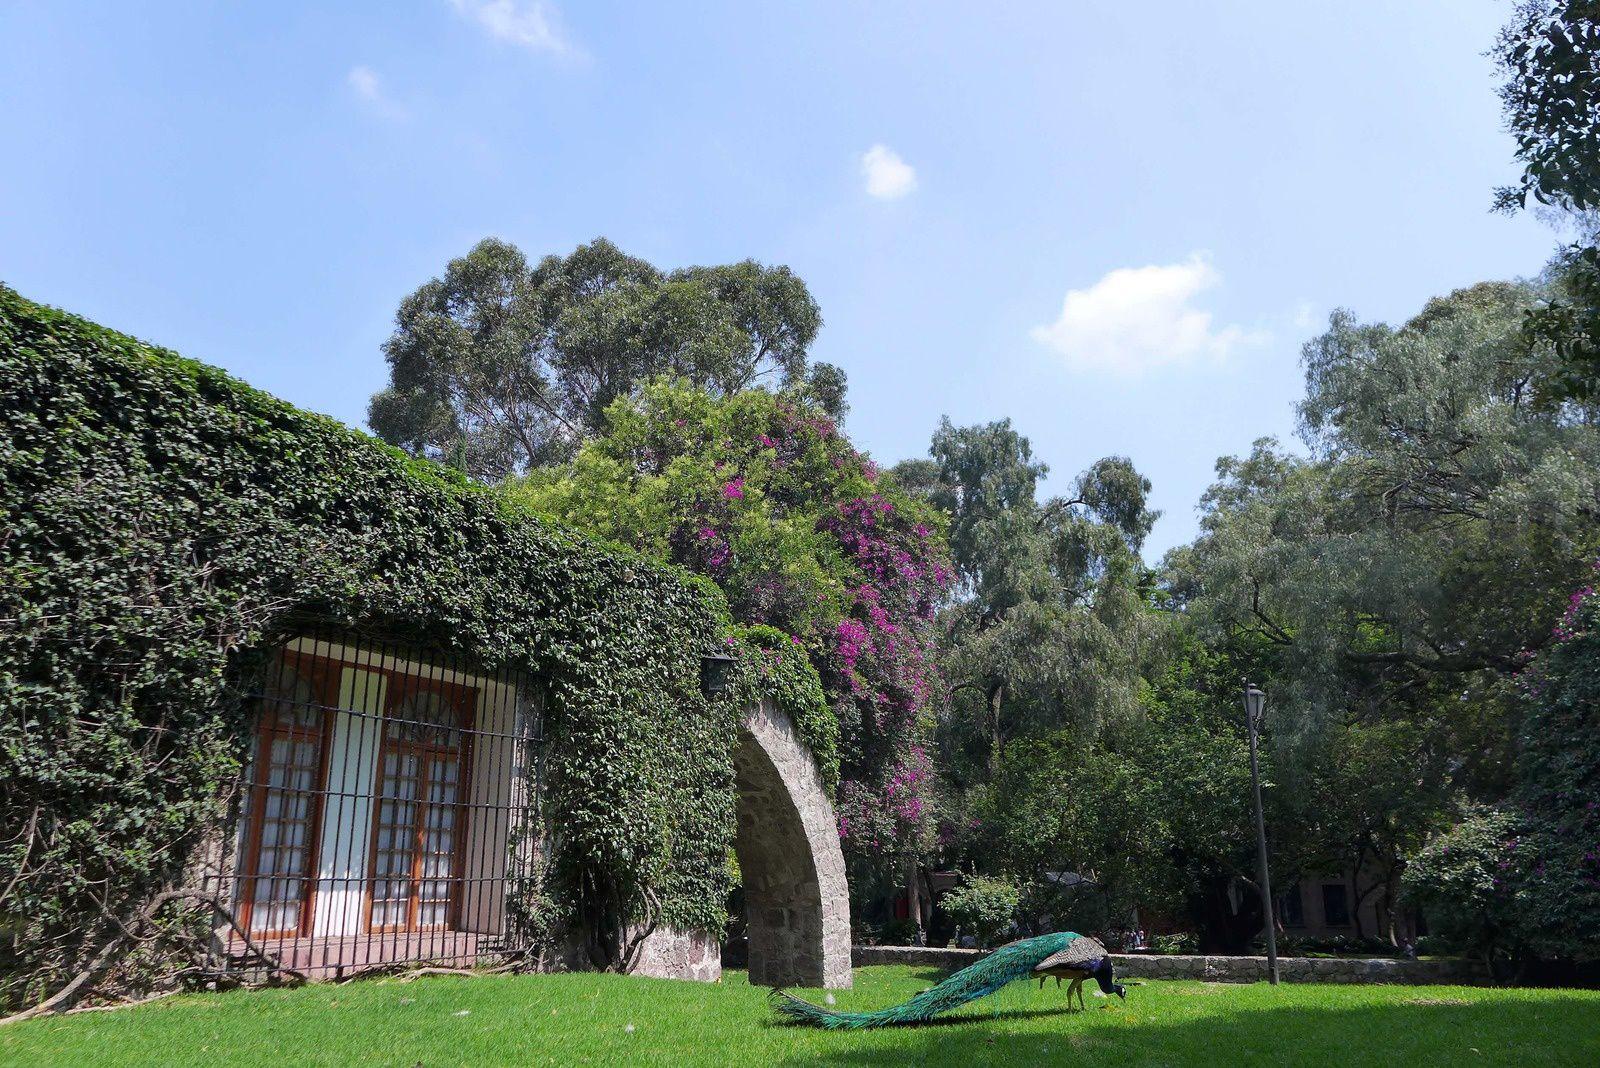 Museo Dolores Olmedo: Installé dans une paisible hacienda du XVIIe siècle, ce musée possède sans doute la plus importante collection d'œuvres de Diego Rivera. Femme du monde, Dolores Olmedo, qui résida en ces lieux jusqu'à sa mort en 2002, fut le mécène de Diego Rivera. Les 144 pièces qui composent sa collection huiles, aquarelles et lithographies de diverses périodes sont présentées au milieu de figurines précolom-biennes et d'objets d'artisanat. Une salle est également consacrée aux peintures de Frida Kahlo. Dans les vastes jardins de la propriété, flânent des paons et courent gaillardement des xoloitzcuintles, race de chiens précolombiens sans poils.